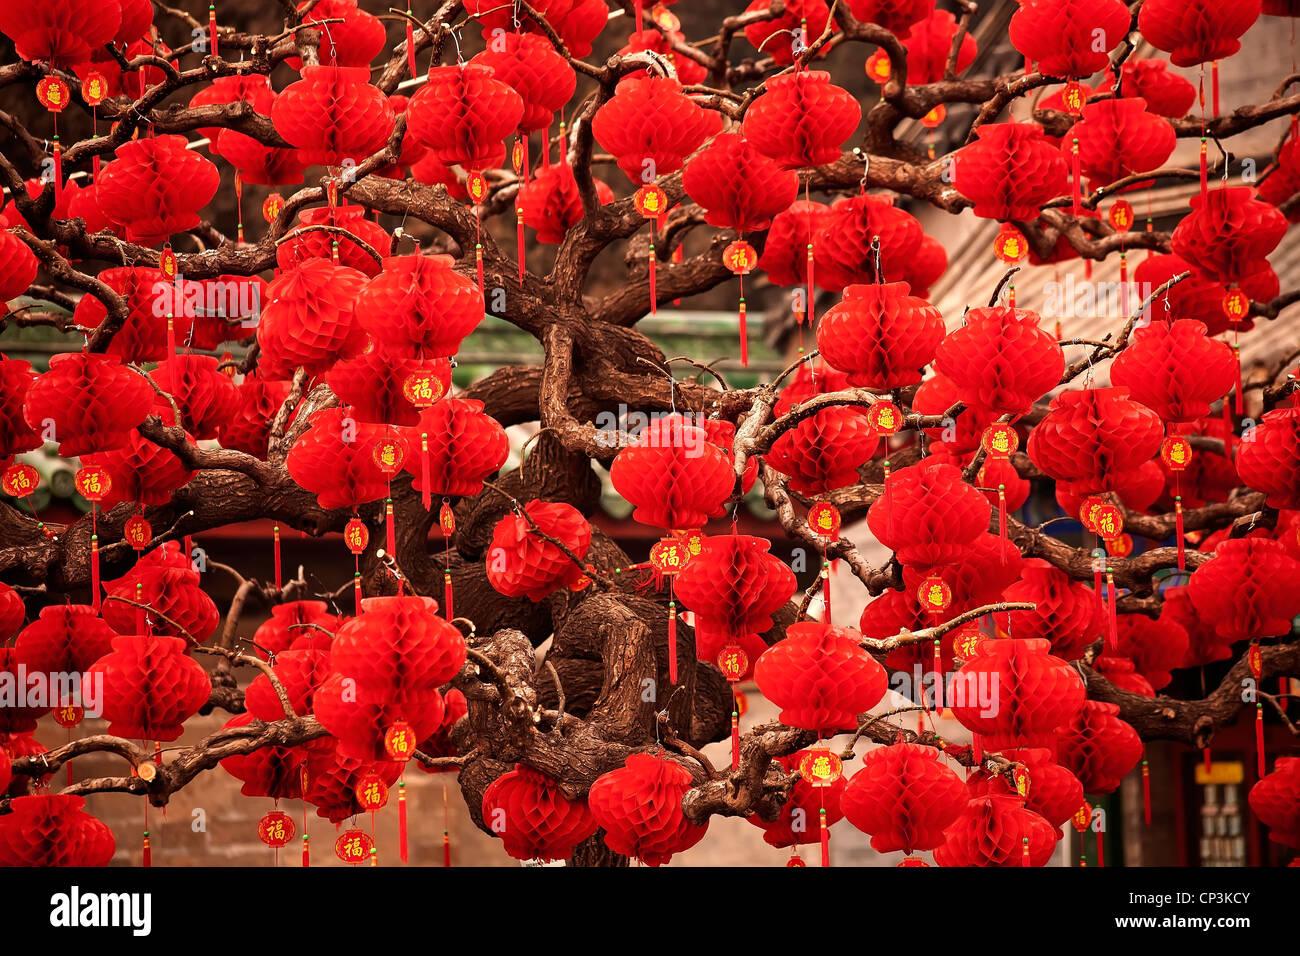 Lucky lanterne rosse nuovo anno lunare cinese decorazioni Parco Ditan, Pechino, Cina Immagini Stock